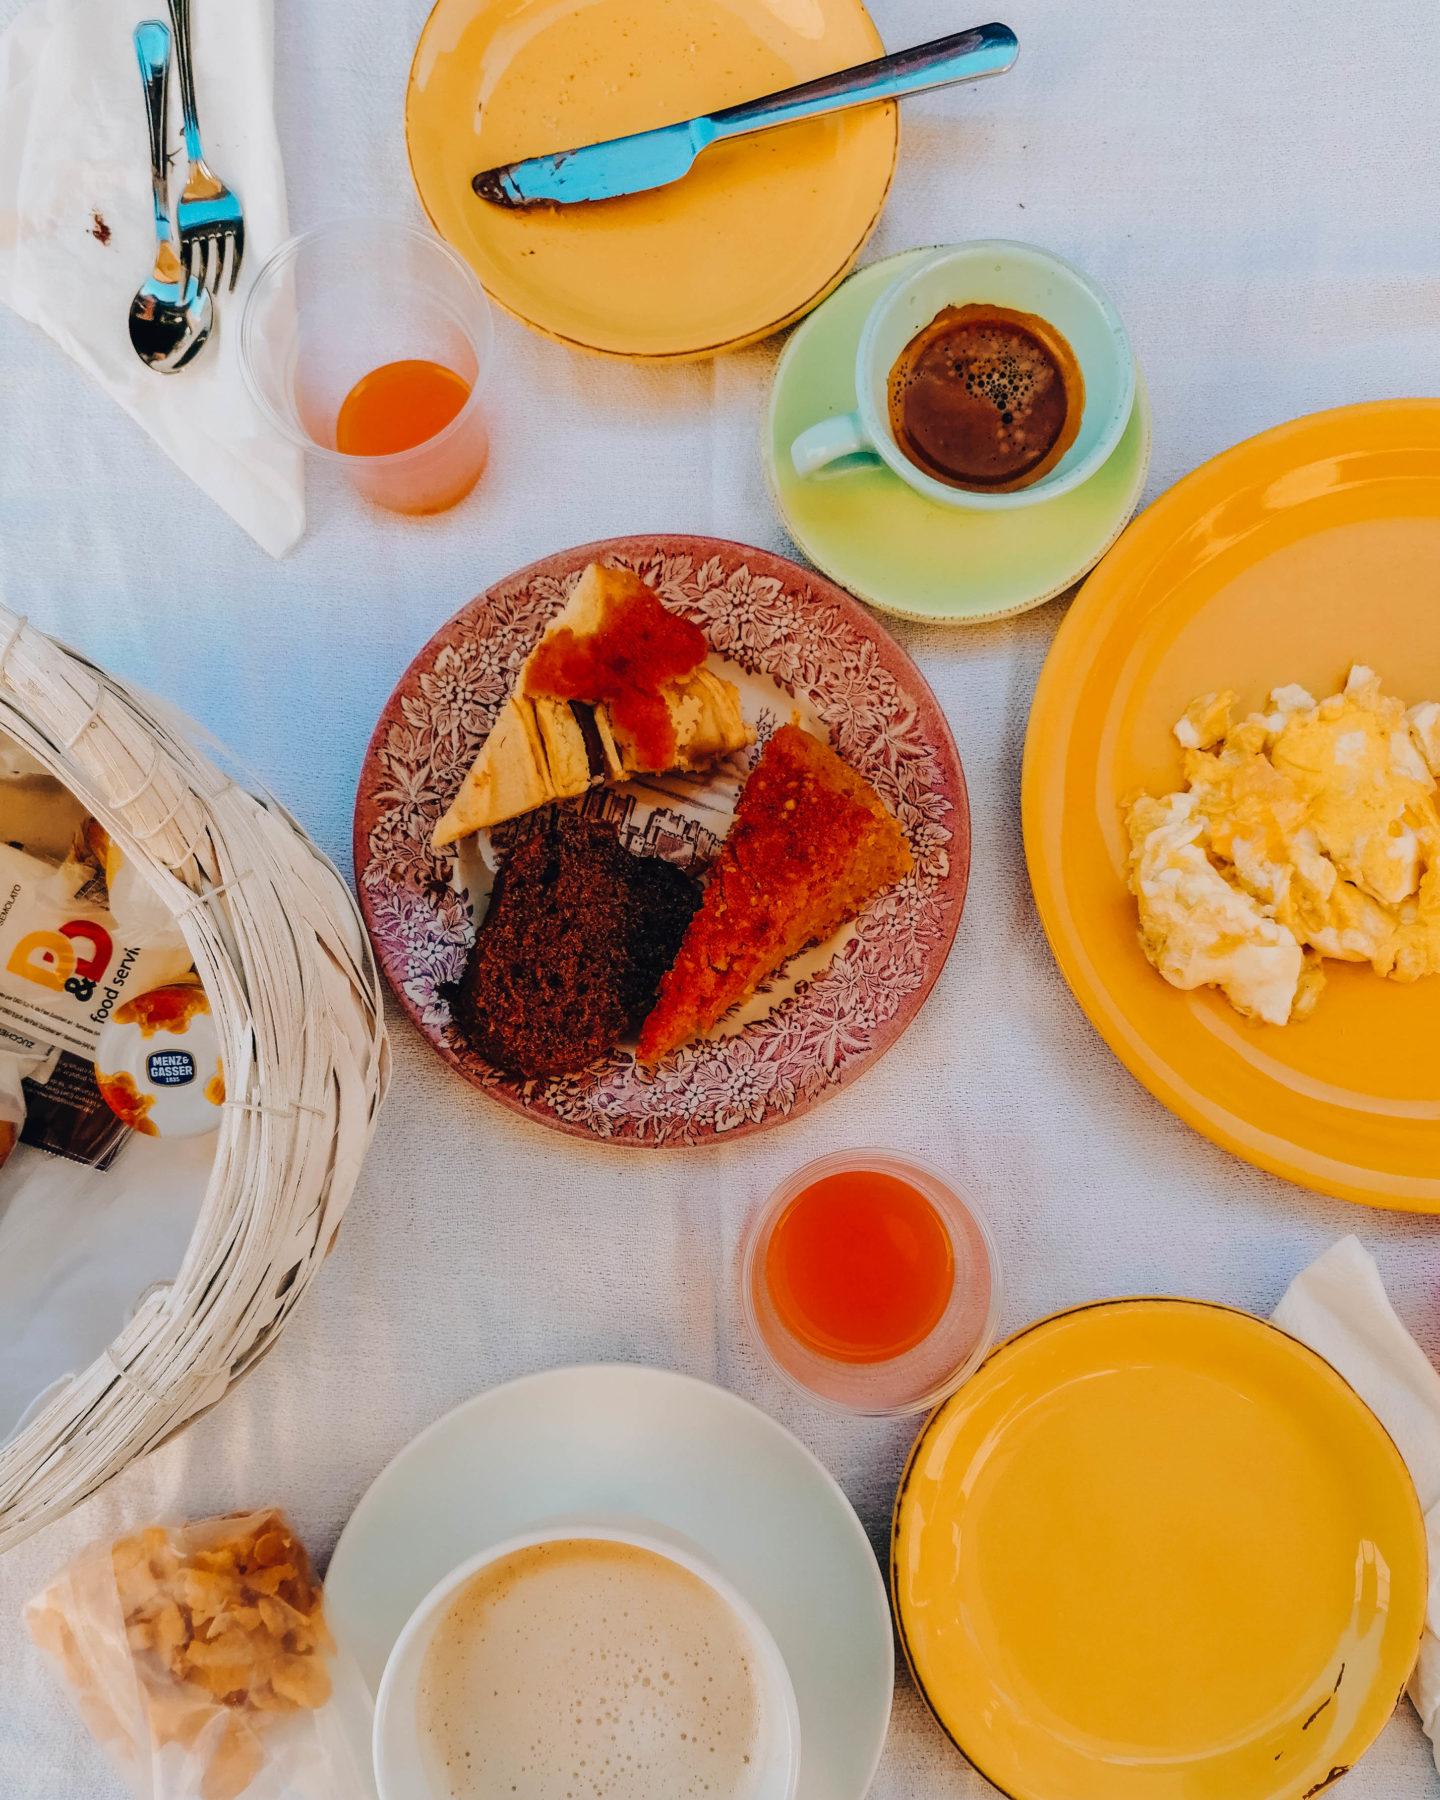 tavolo con colazione imbandita